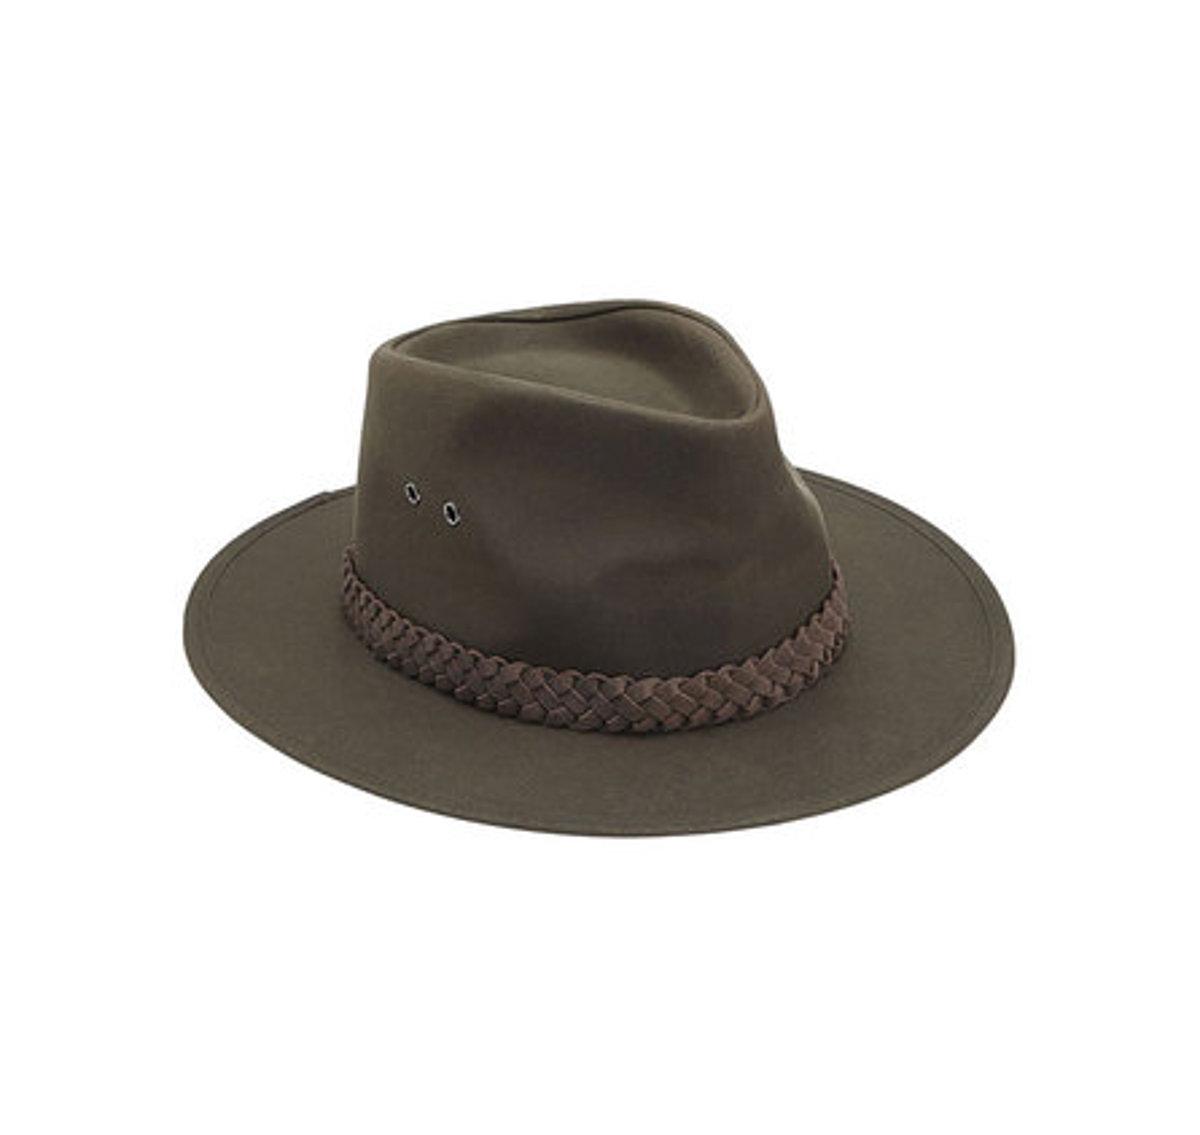 Barbour Wax Bushman Hat oliv - Wachshut - Waffen Brammer